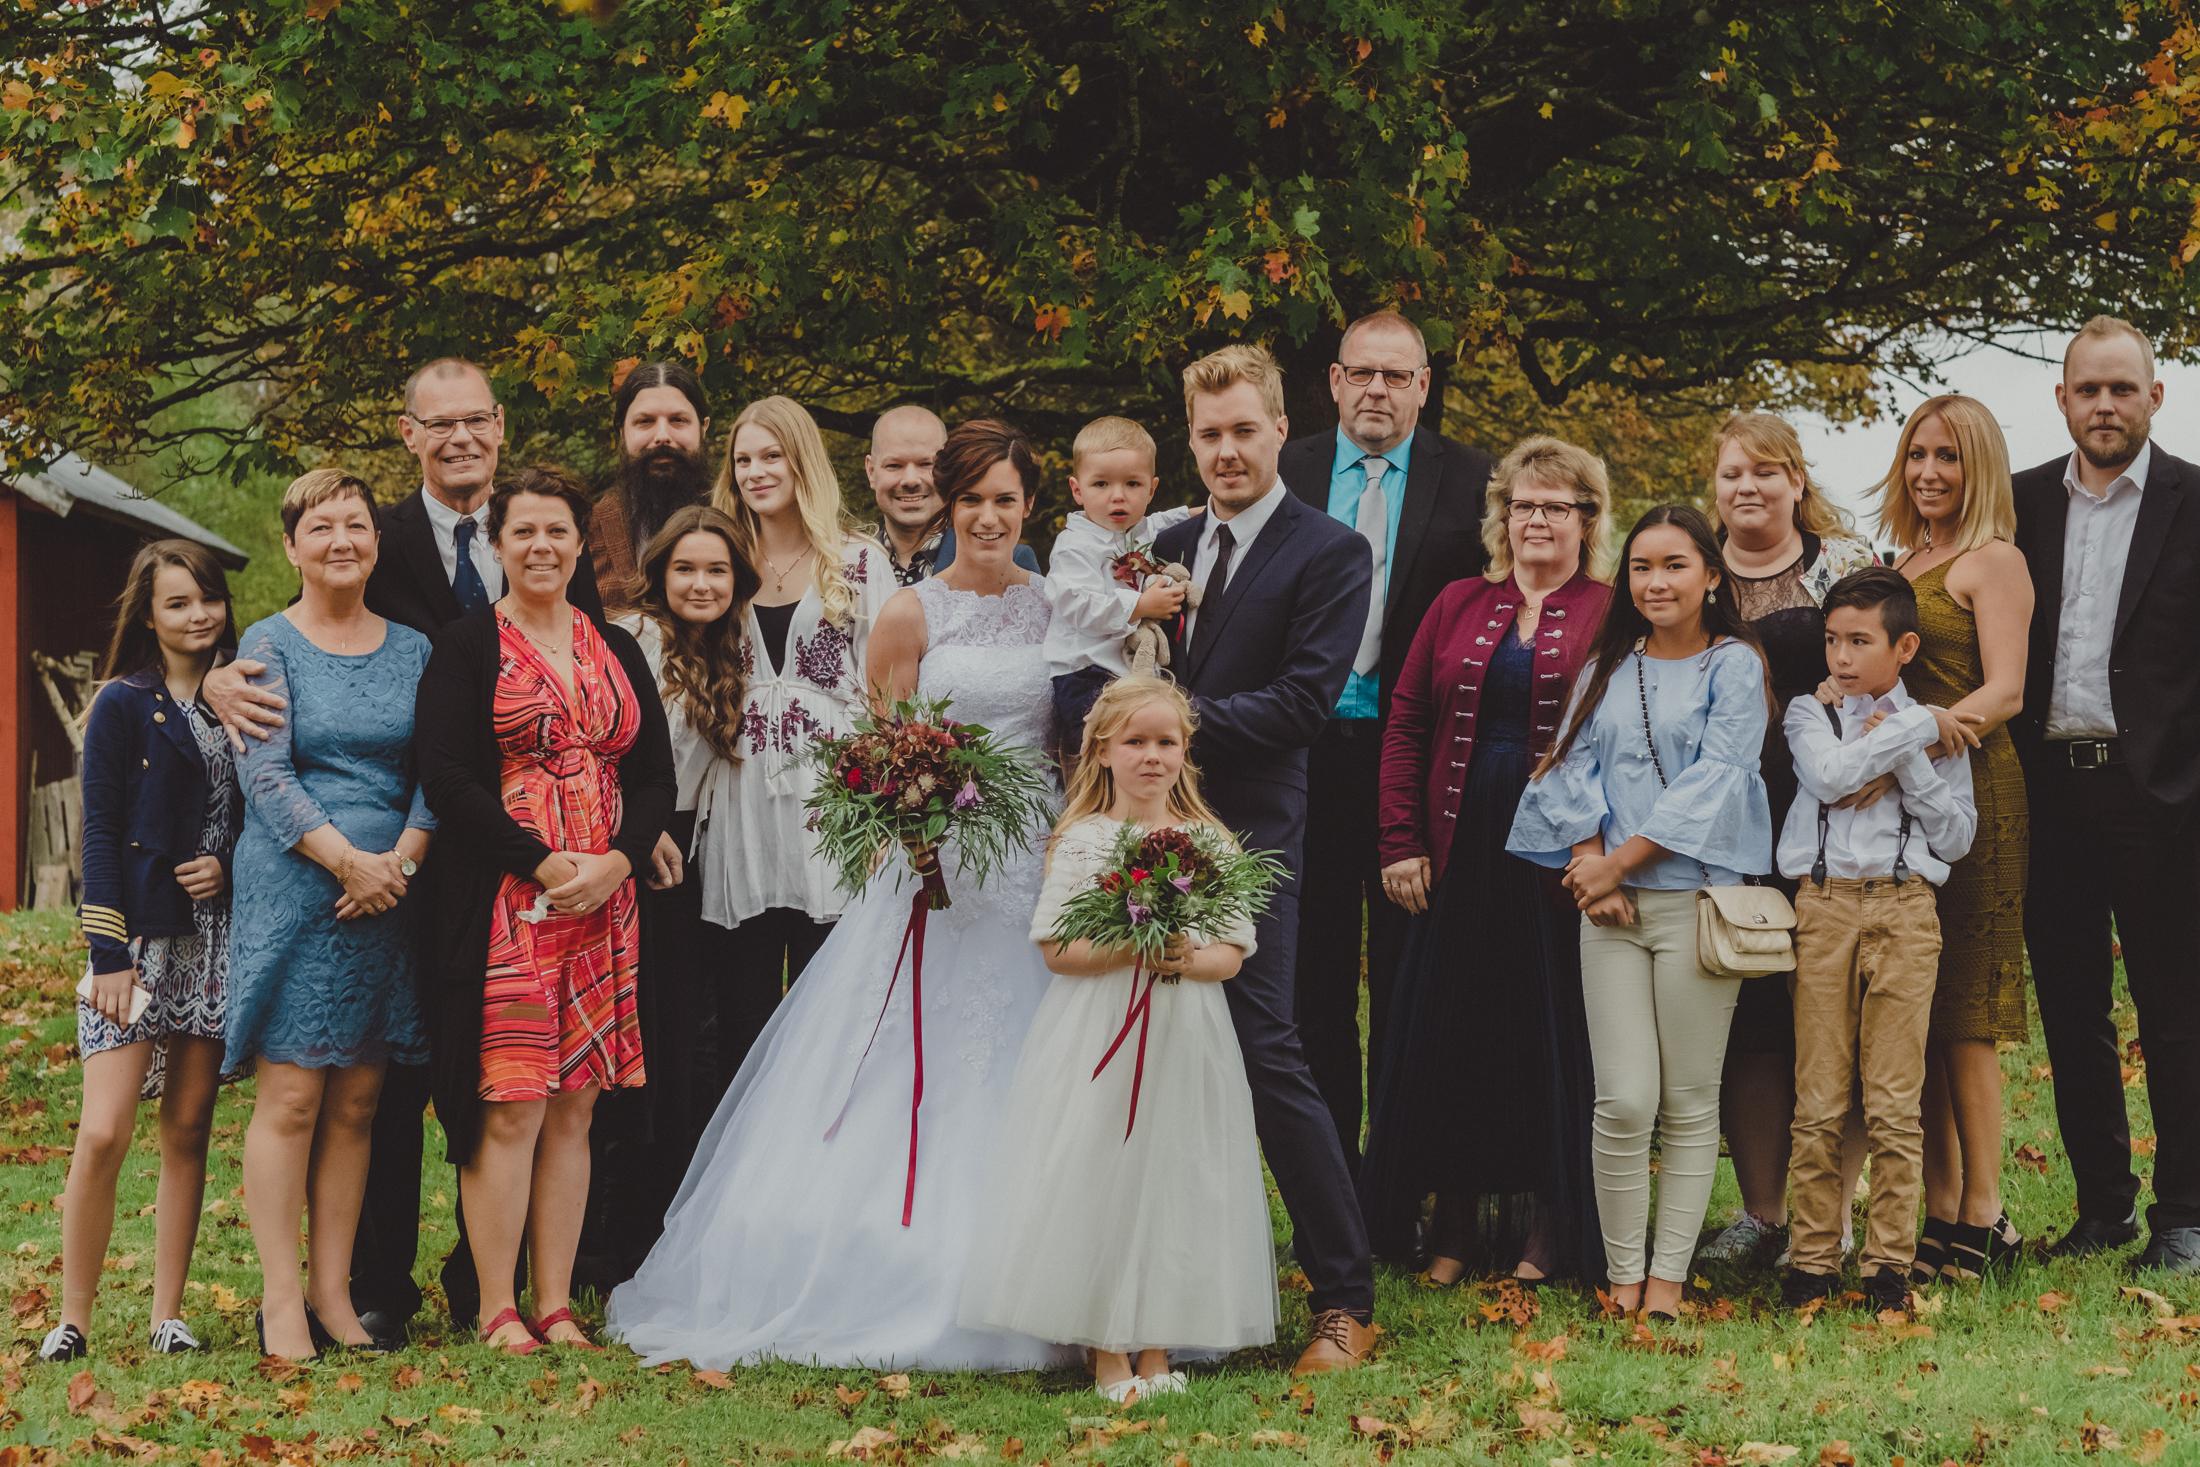 bröllopsfoto-fotograf-max-norin-169.jpg